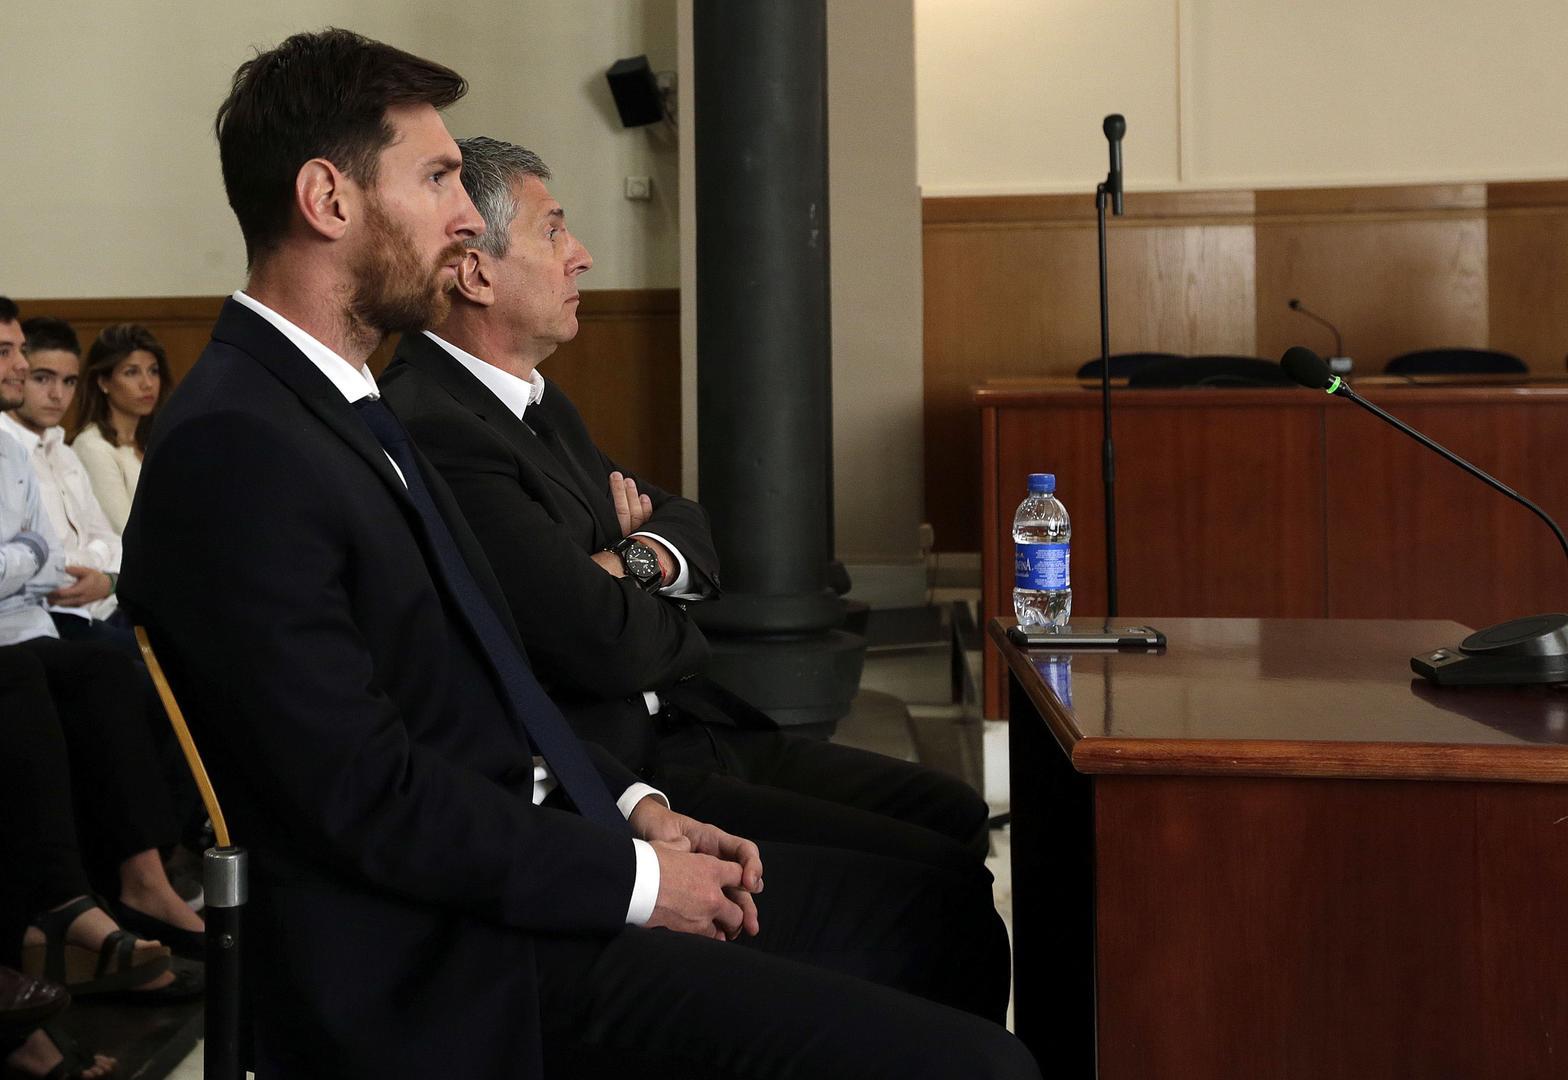 Se archiva la denuncia contra Leo Messi por delitos de estafa y blanqueo